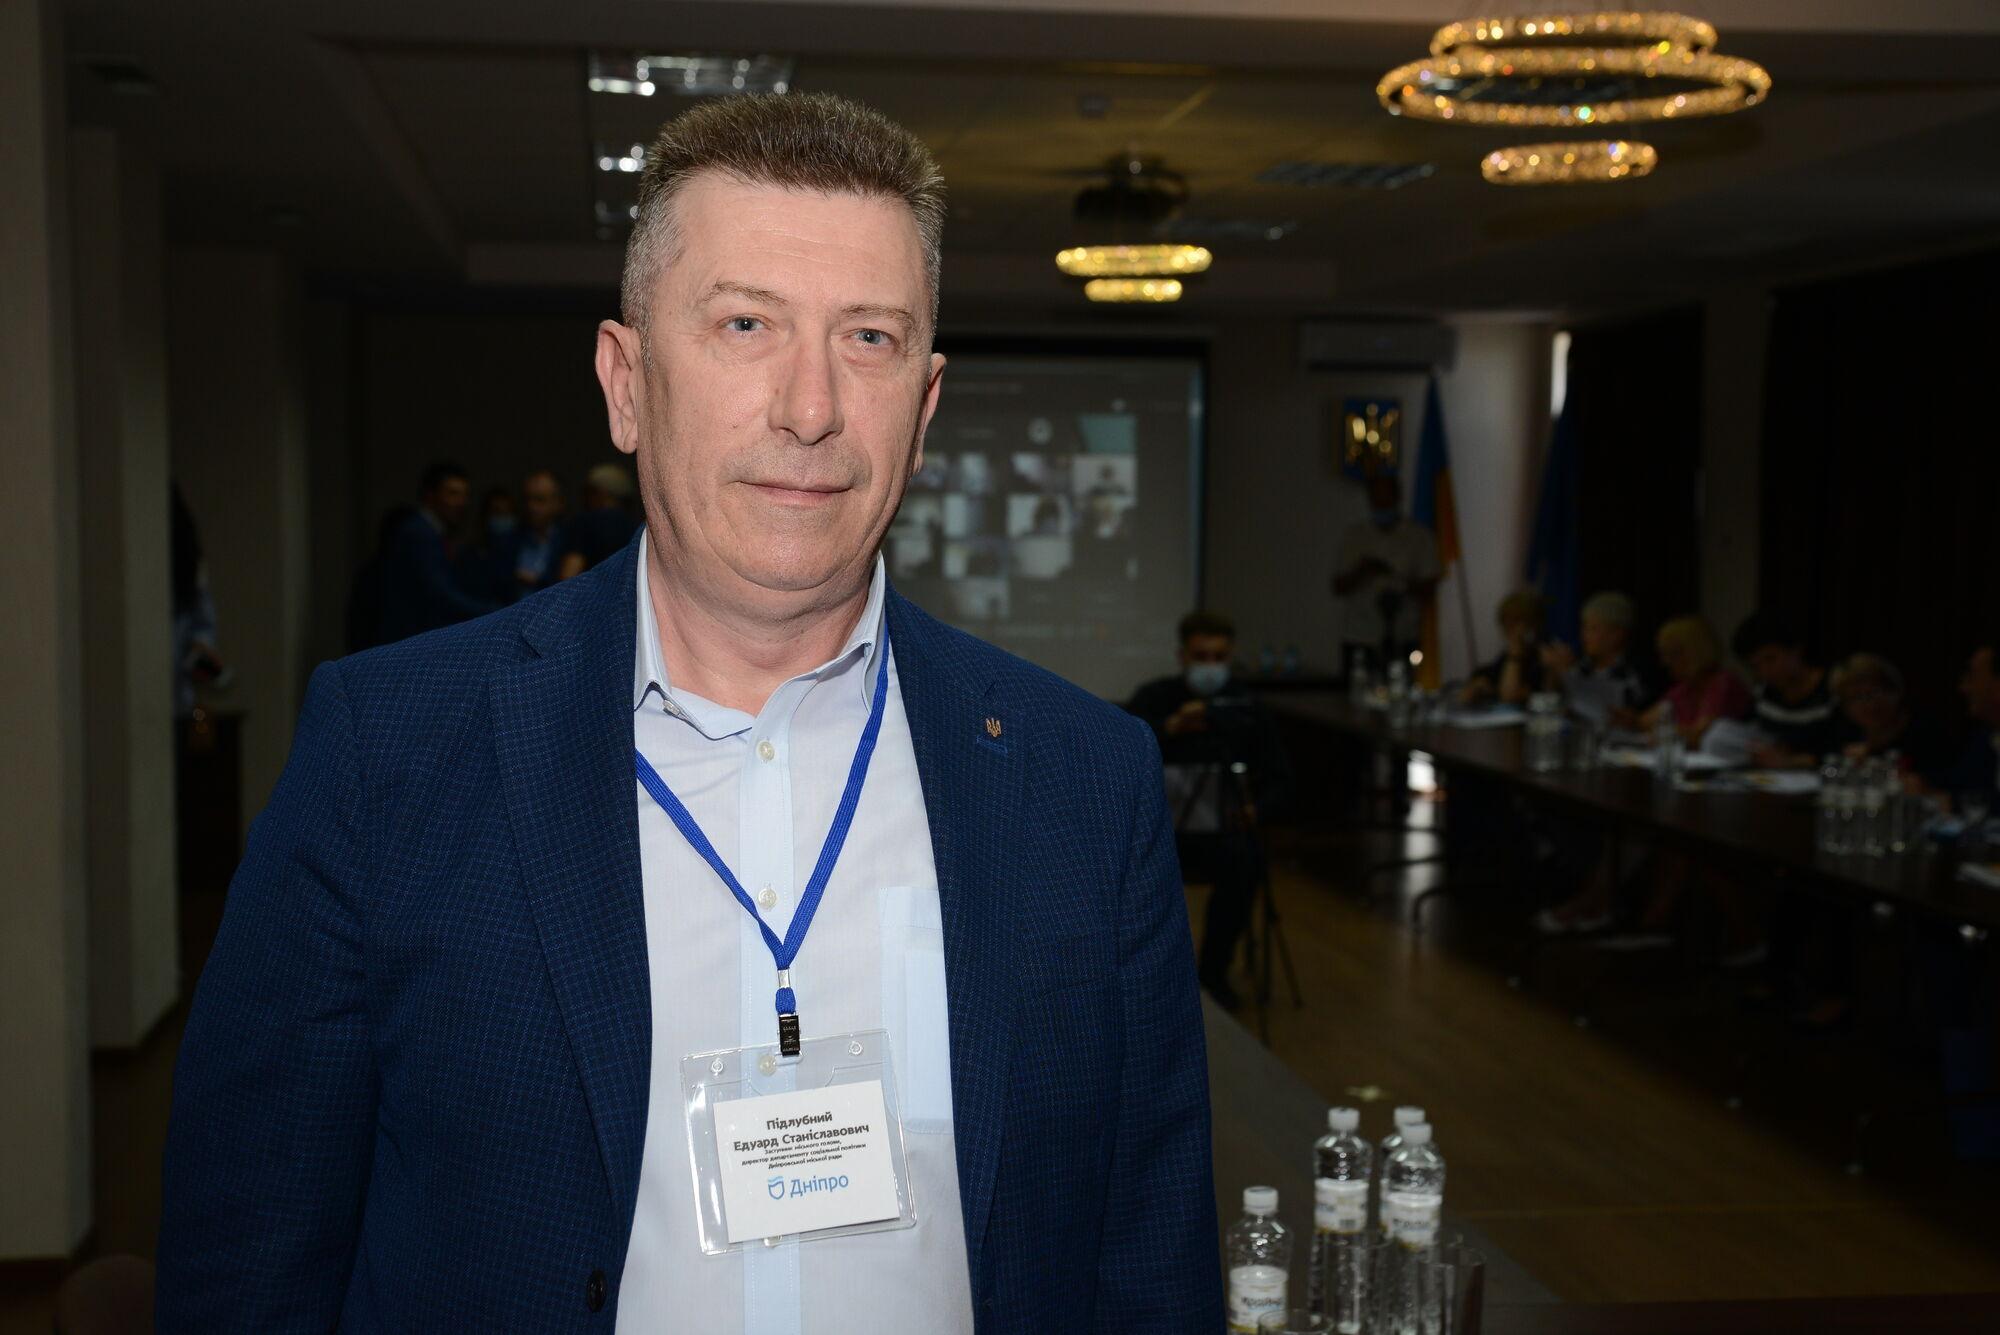 Заступник міського голови, директор департаменту соціальної політики Дніпровської міської ради Едуард Підлубний